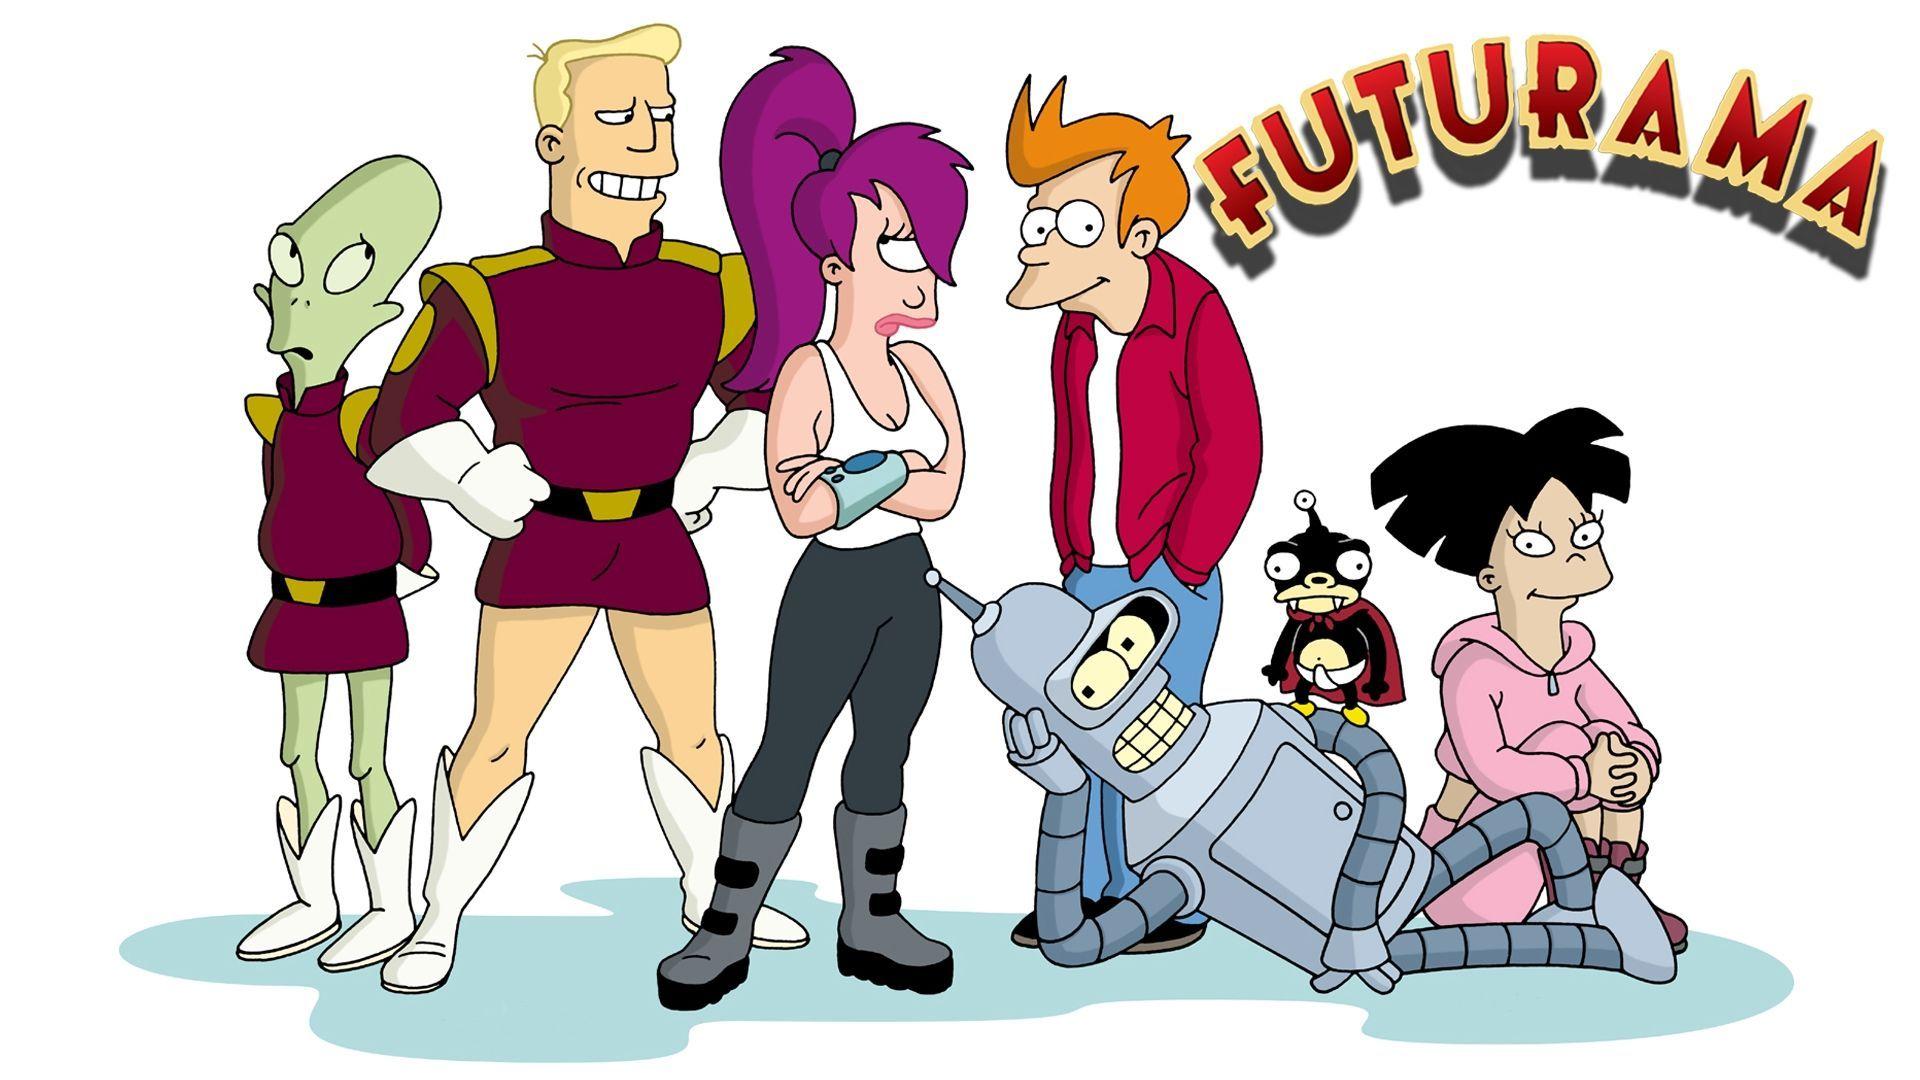 7988 - ¿Qué personaje de FUTURAMA describe mejor tu personalidad?